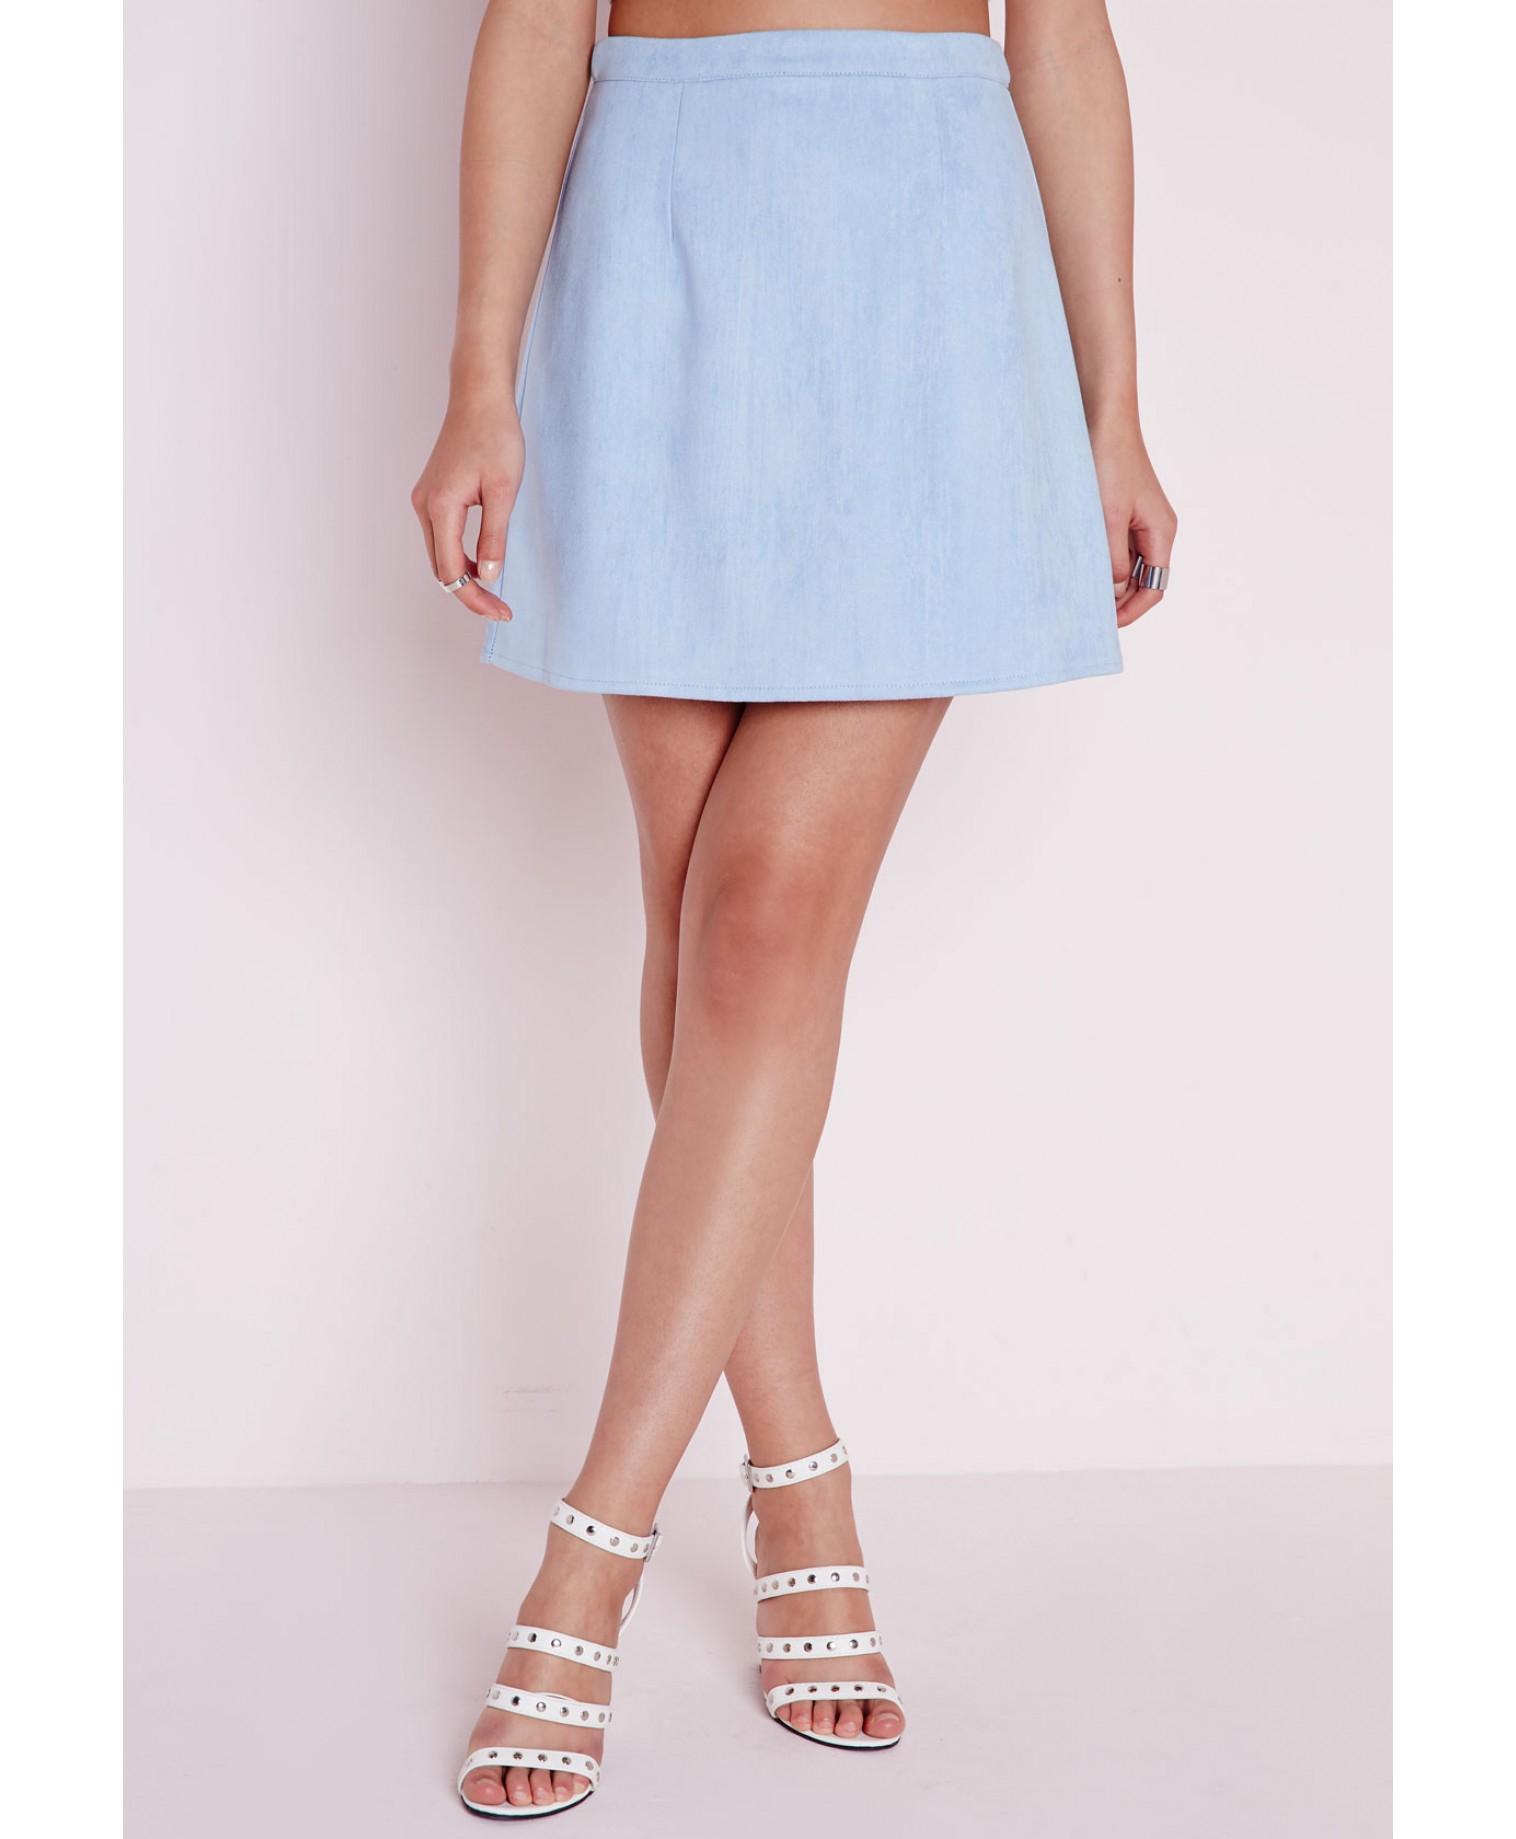 Blue A Line Skirt - Skirts